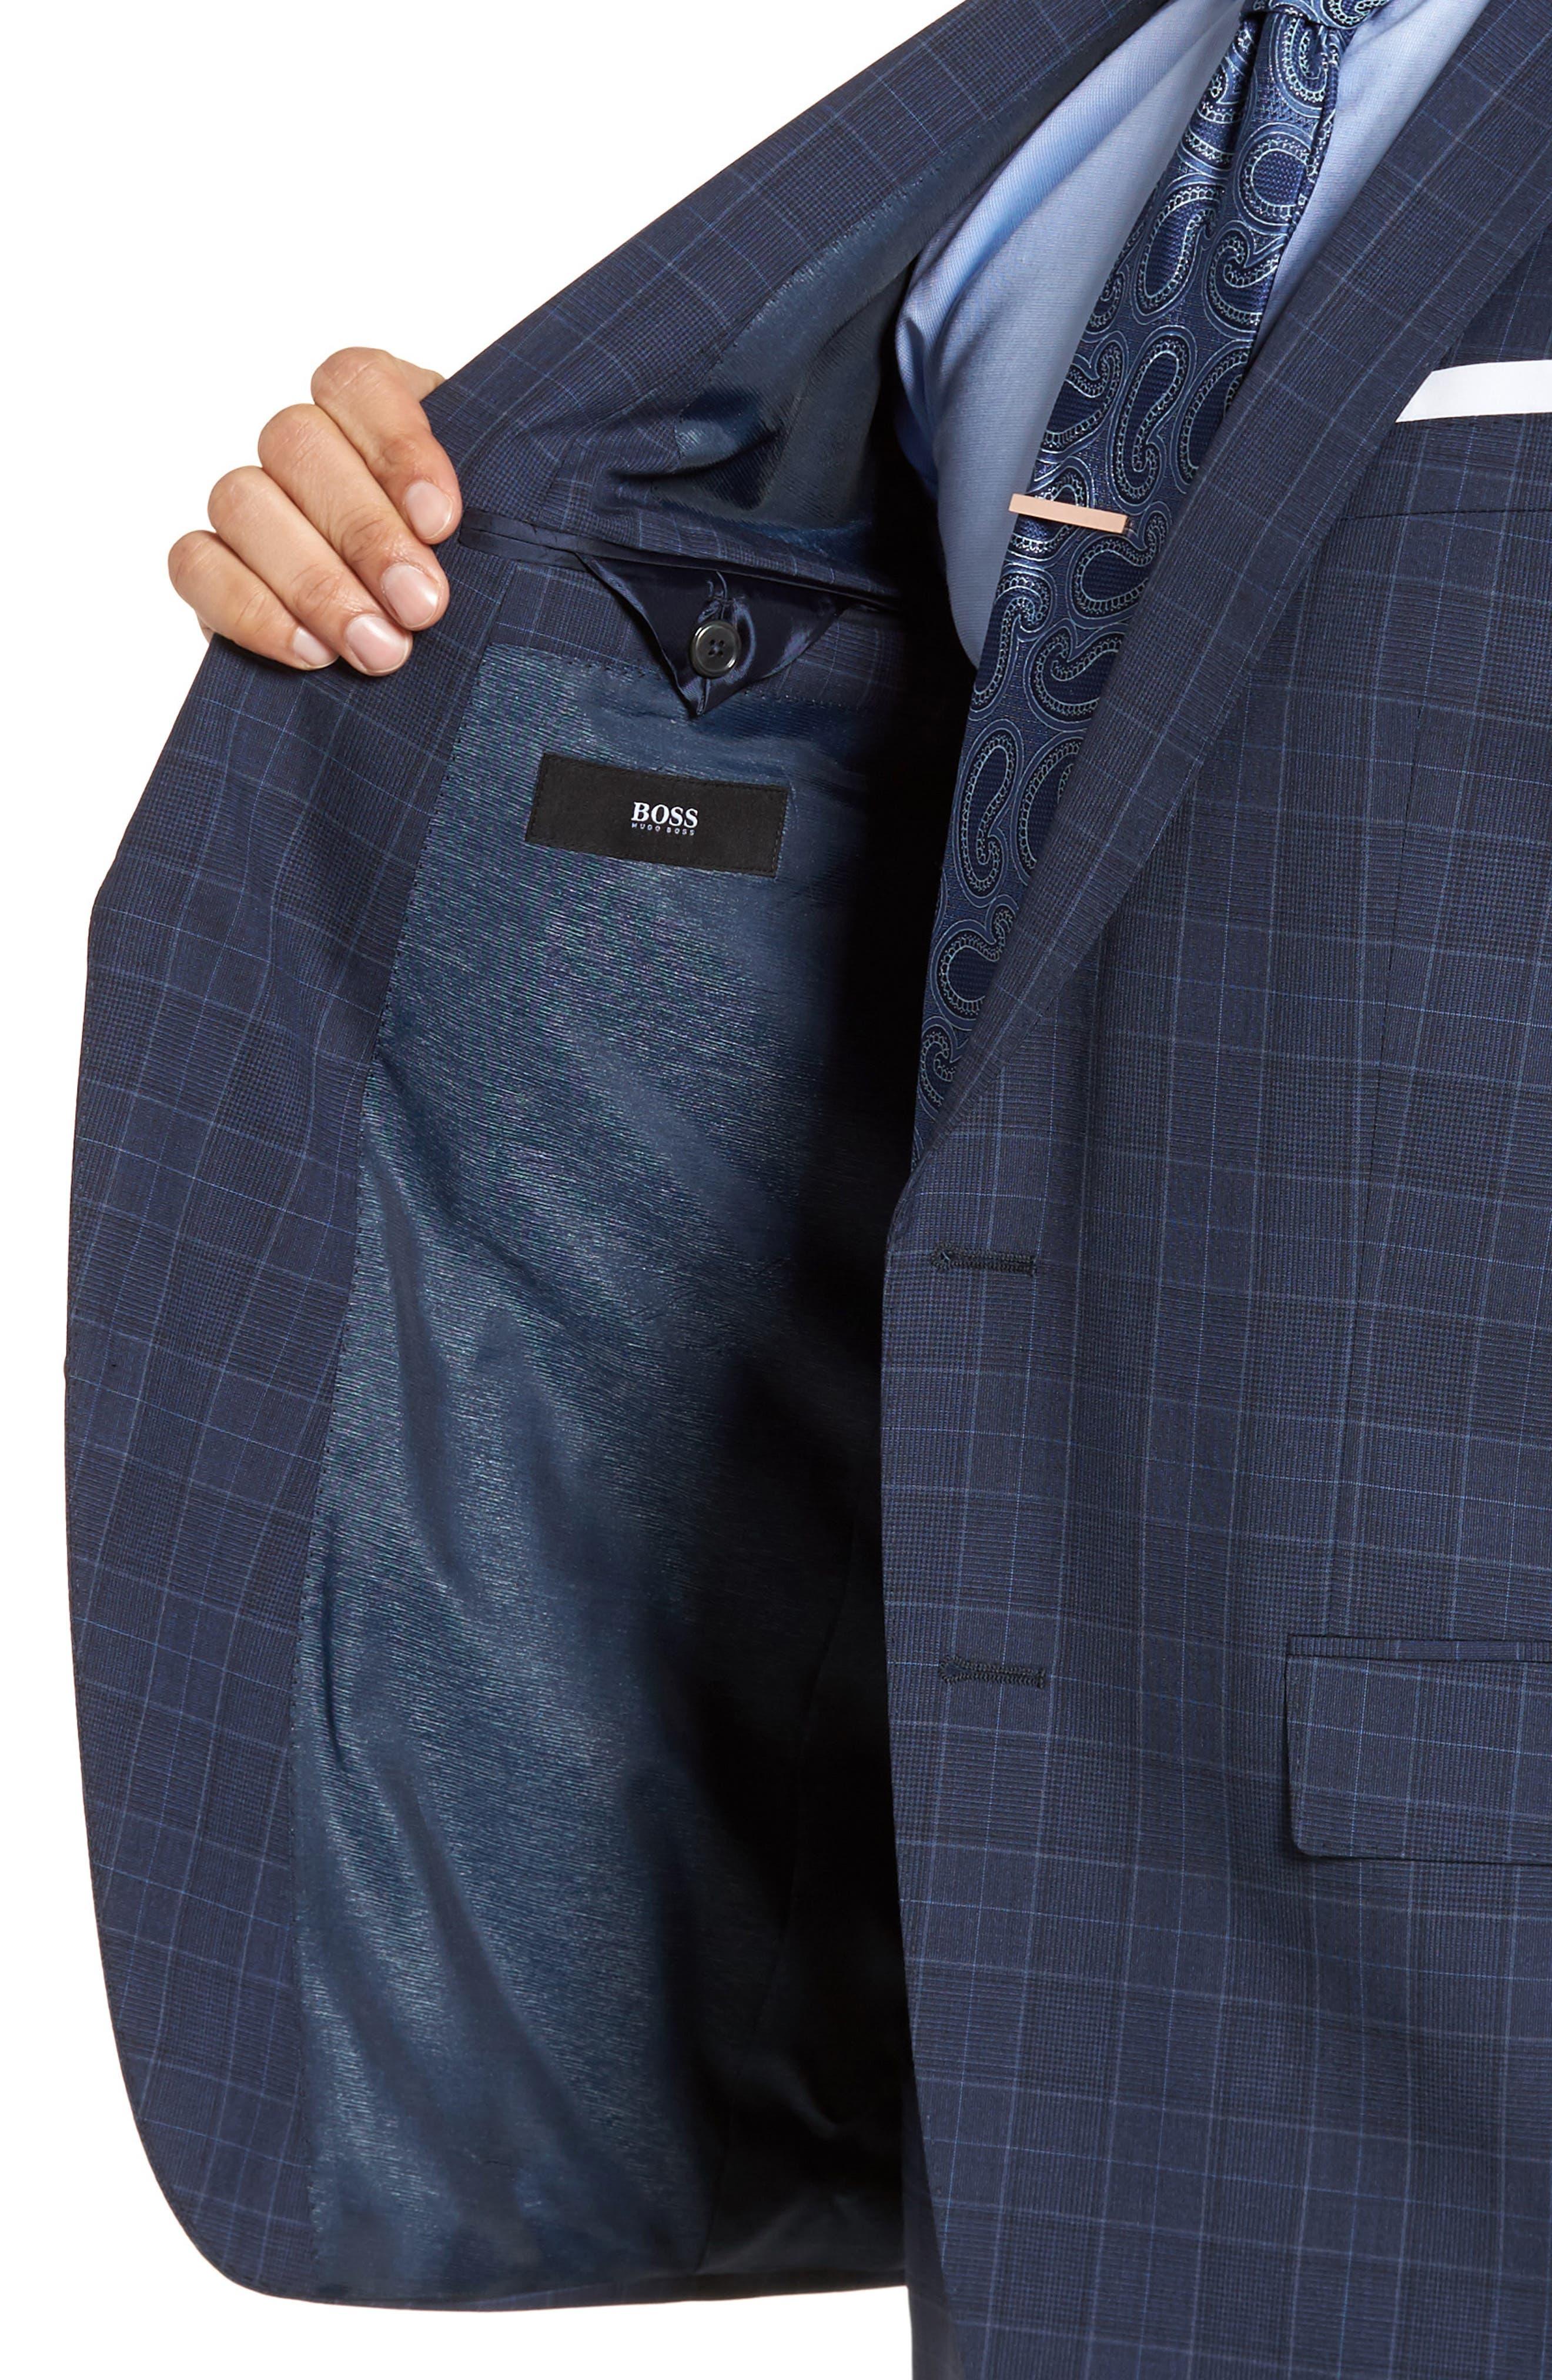 Hutson/Gander Trim Fit Plaid Wool Suit,                             Alternate thumbnail 4, color,                             410